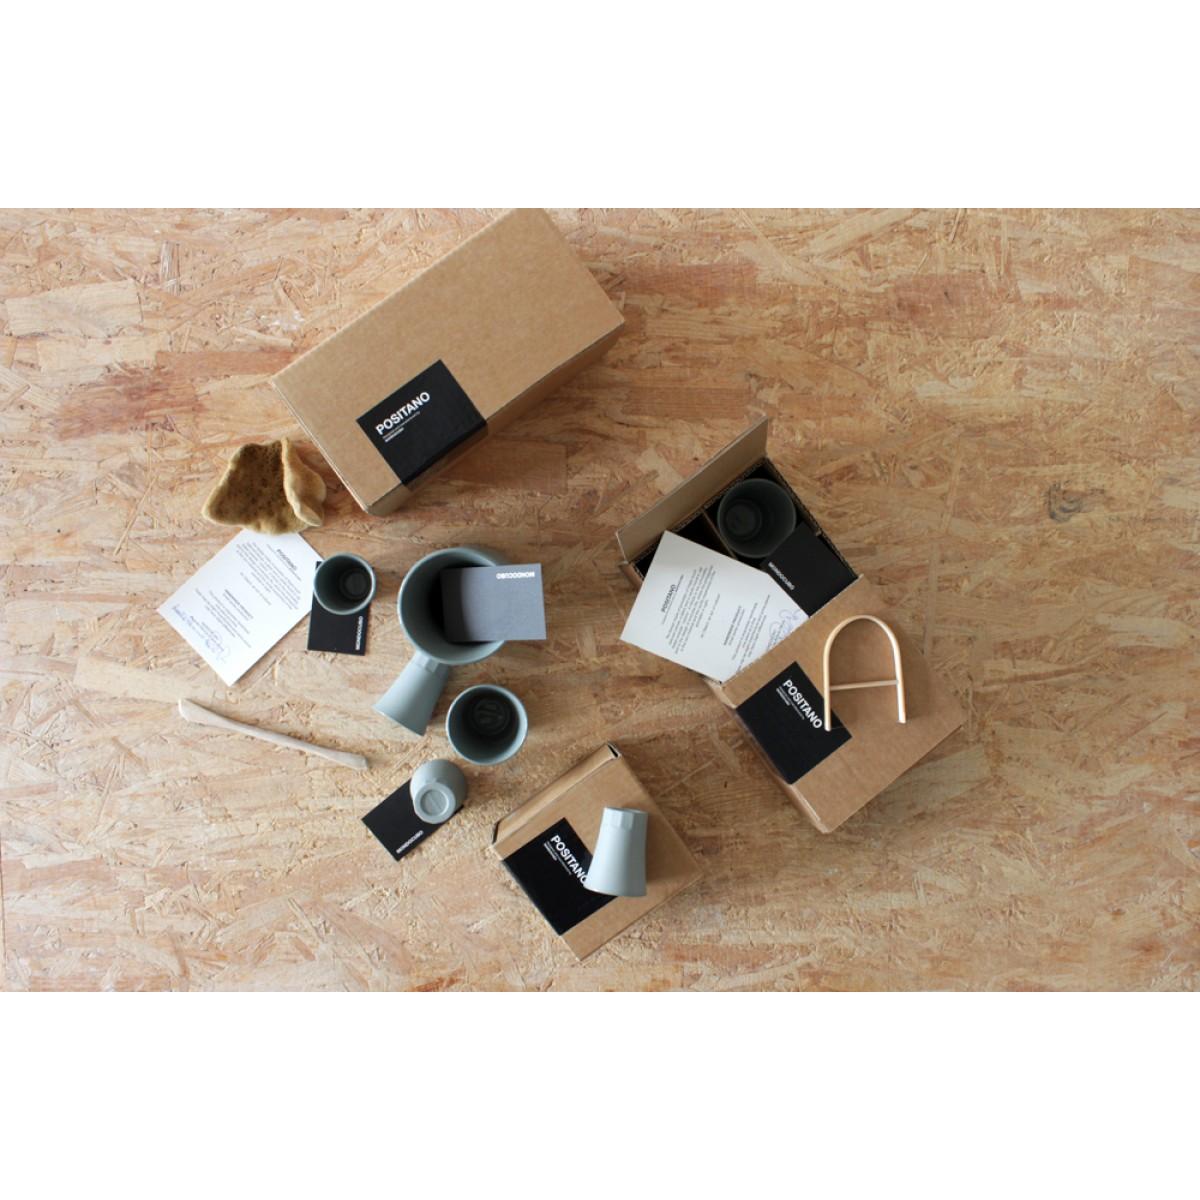 MONDOCUBO POSITANO Komplettes Set (1 Karaffe, 4 Wasser/Weinbecher + 4 espresso becher) Grau Porzellan